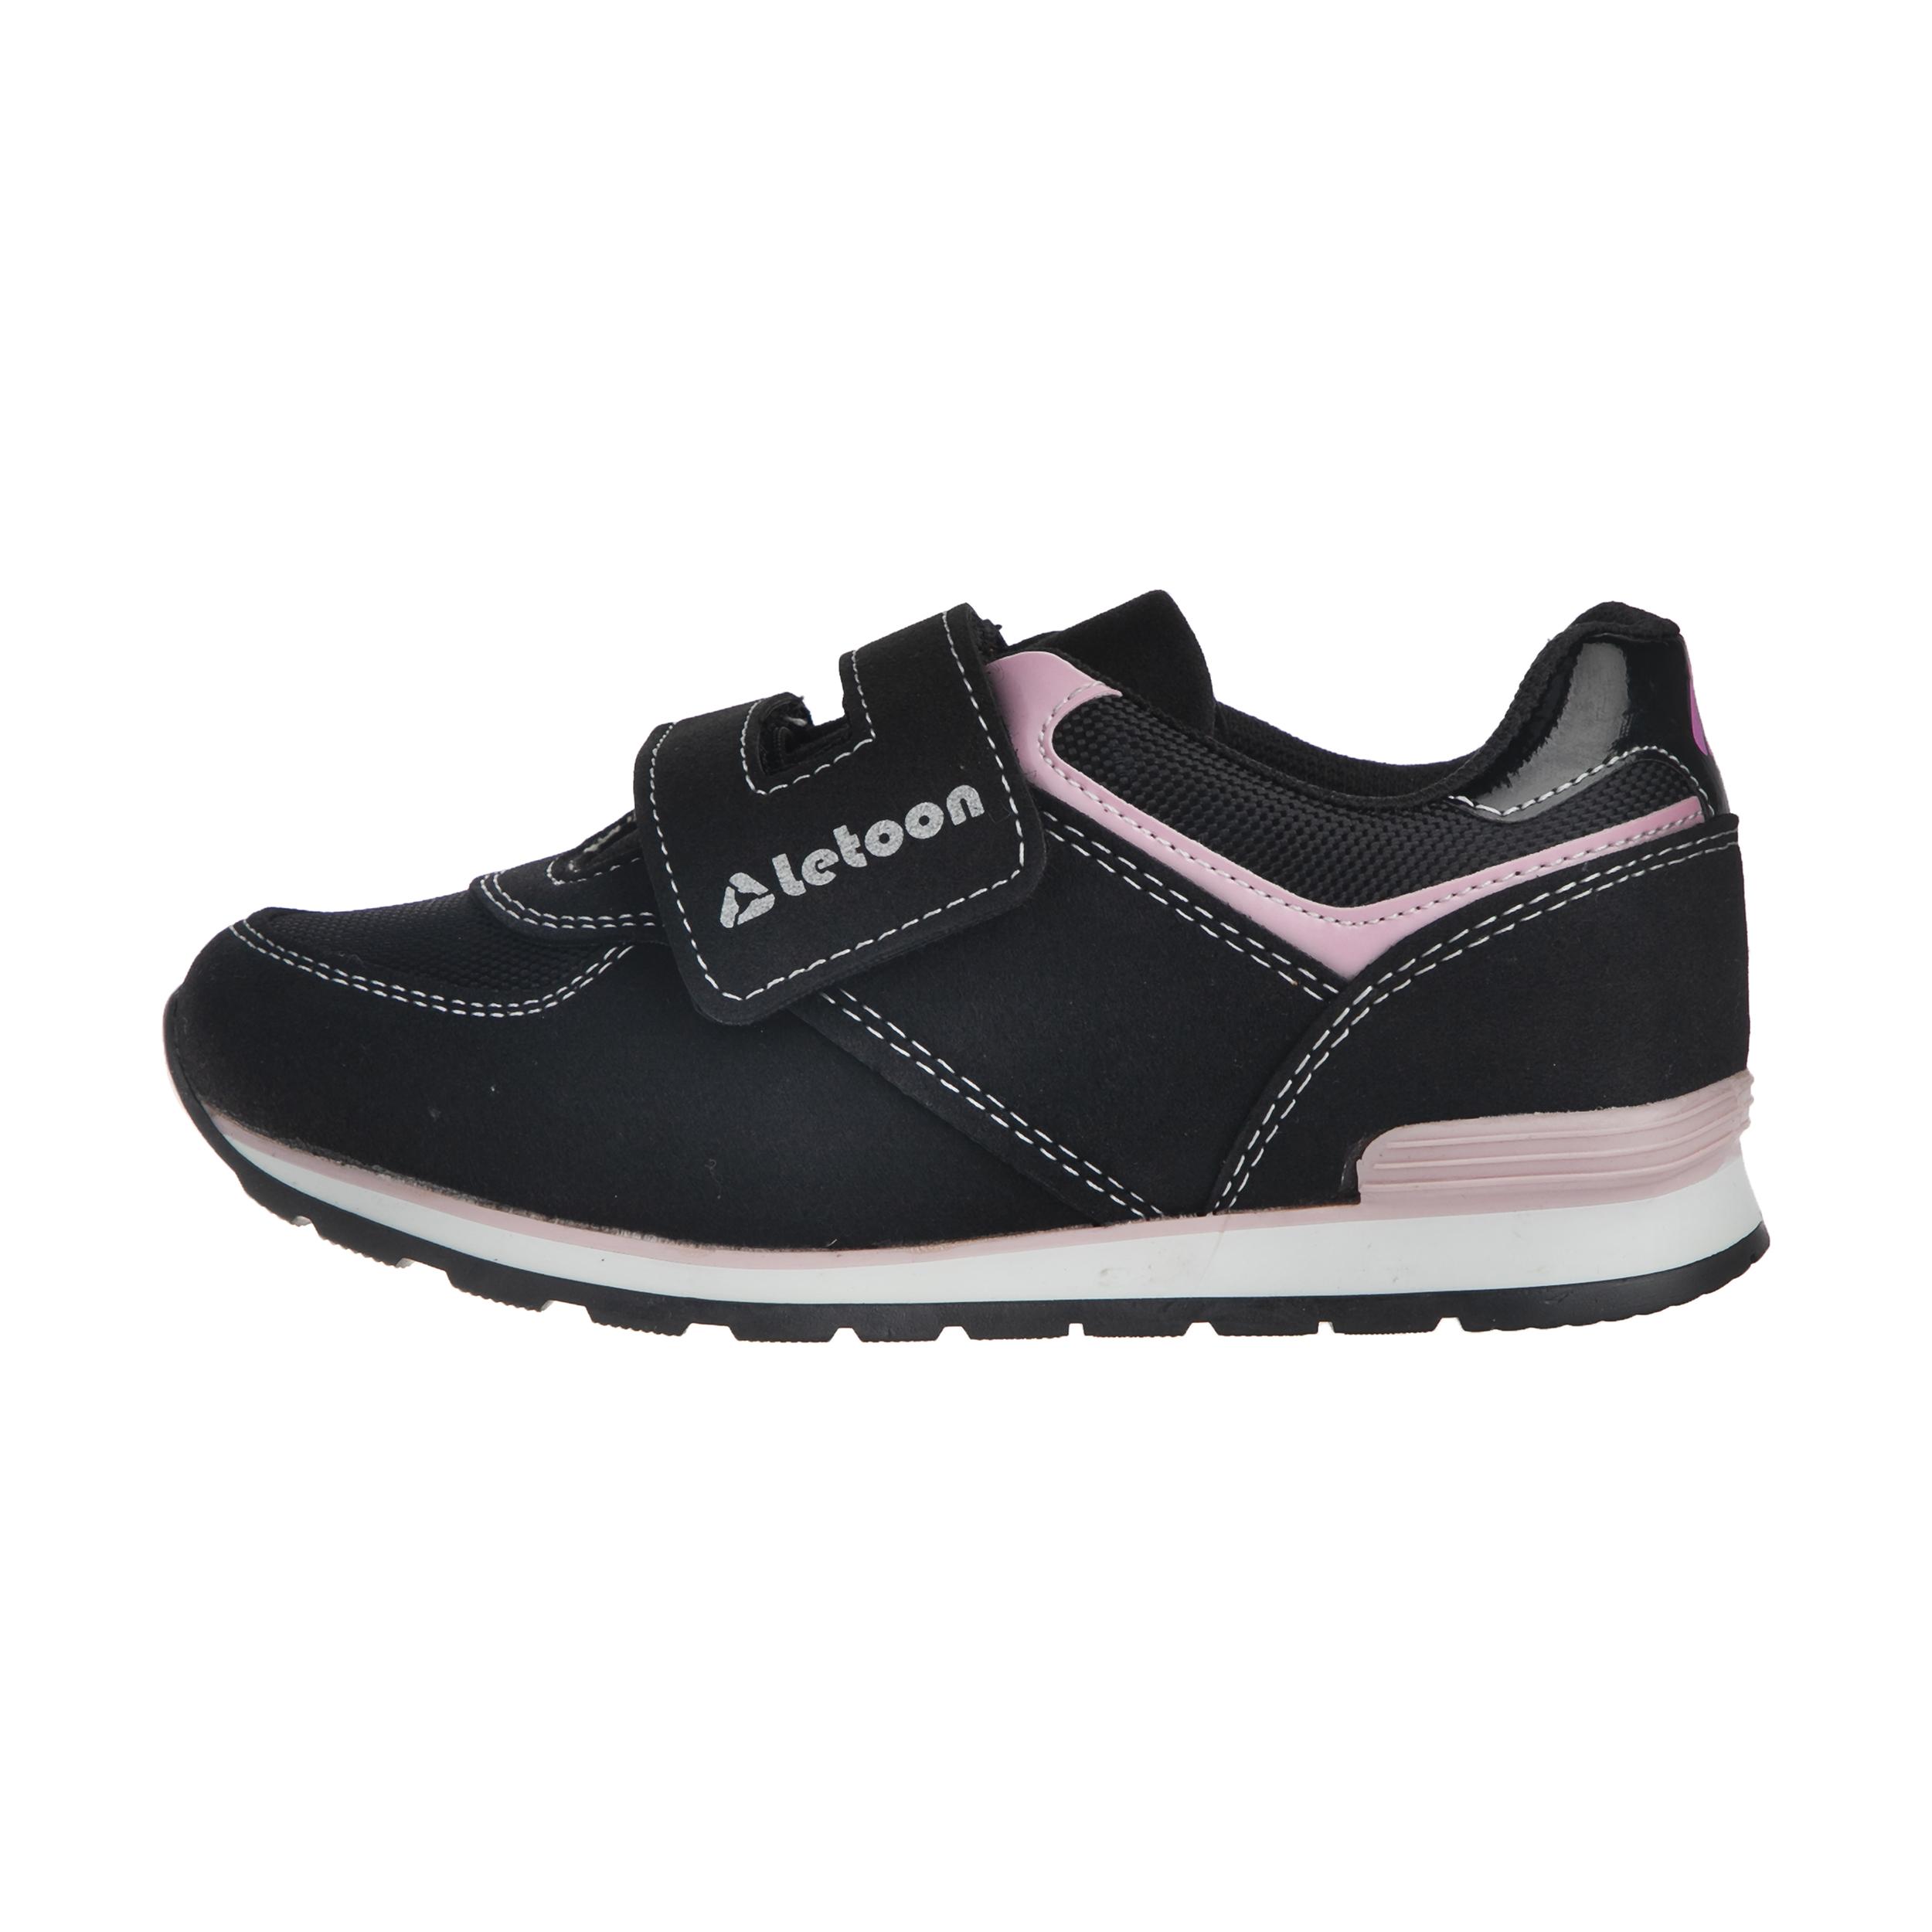 کفش مخصوص پیاده روی دخترانه لتون مدل 8699395135361